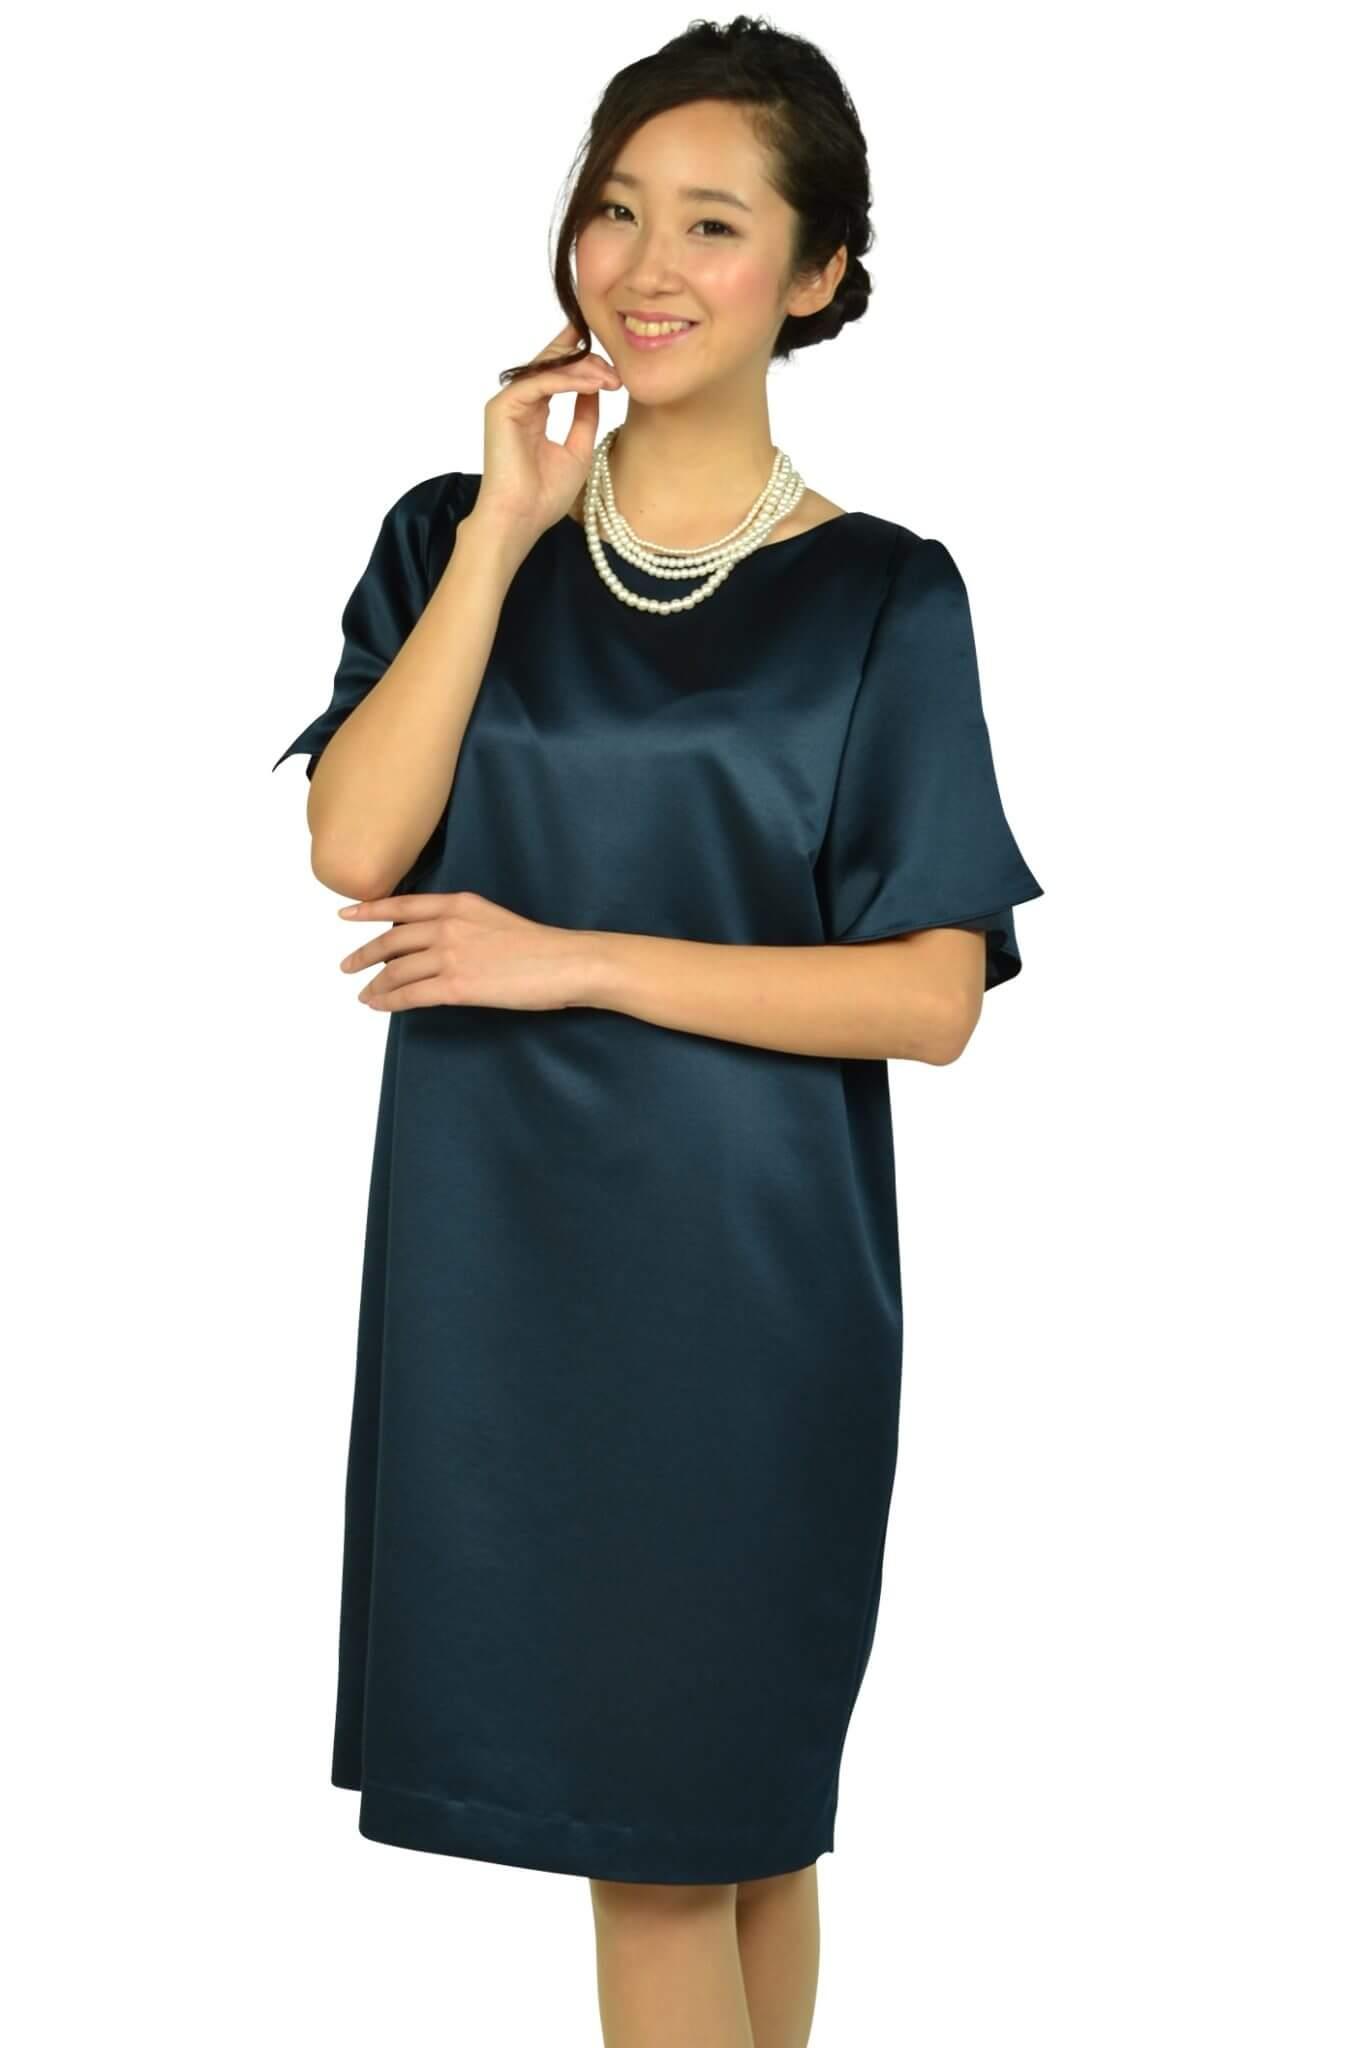 アンタイトル (UNTITLED)光沢ネイビーゆったりドレス